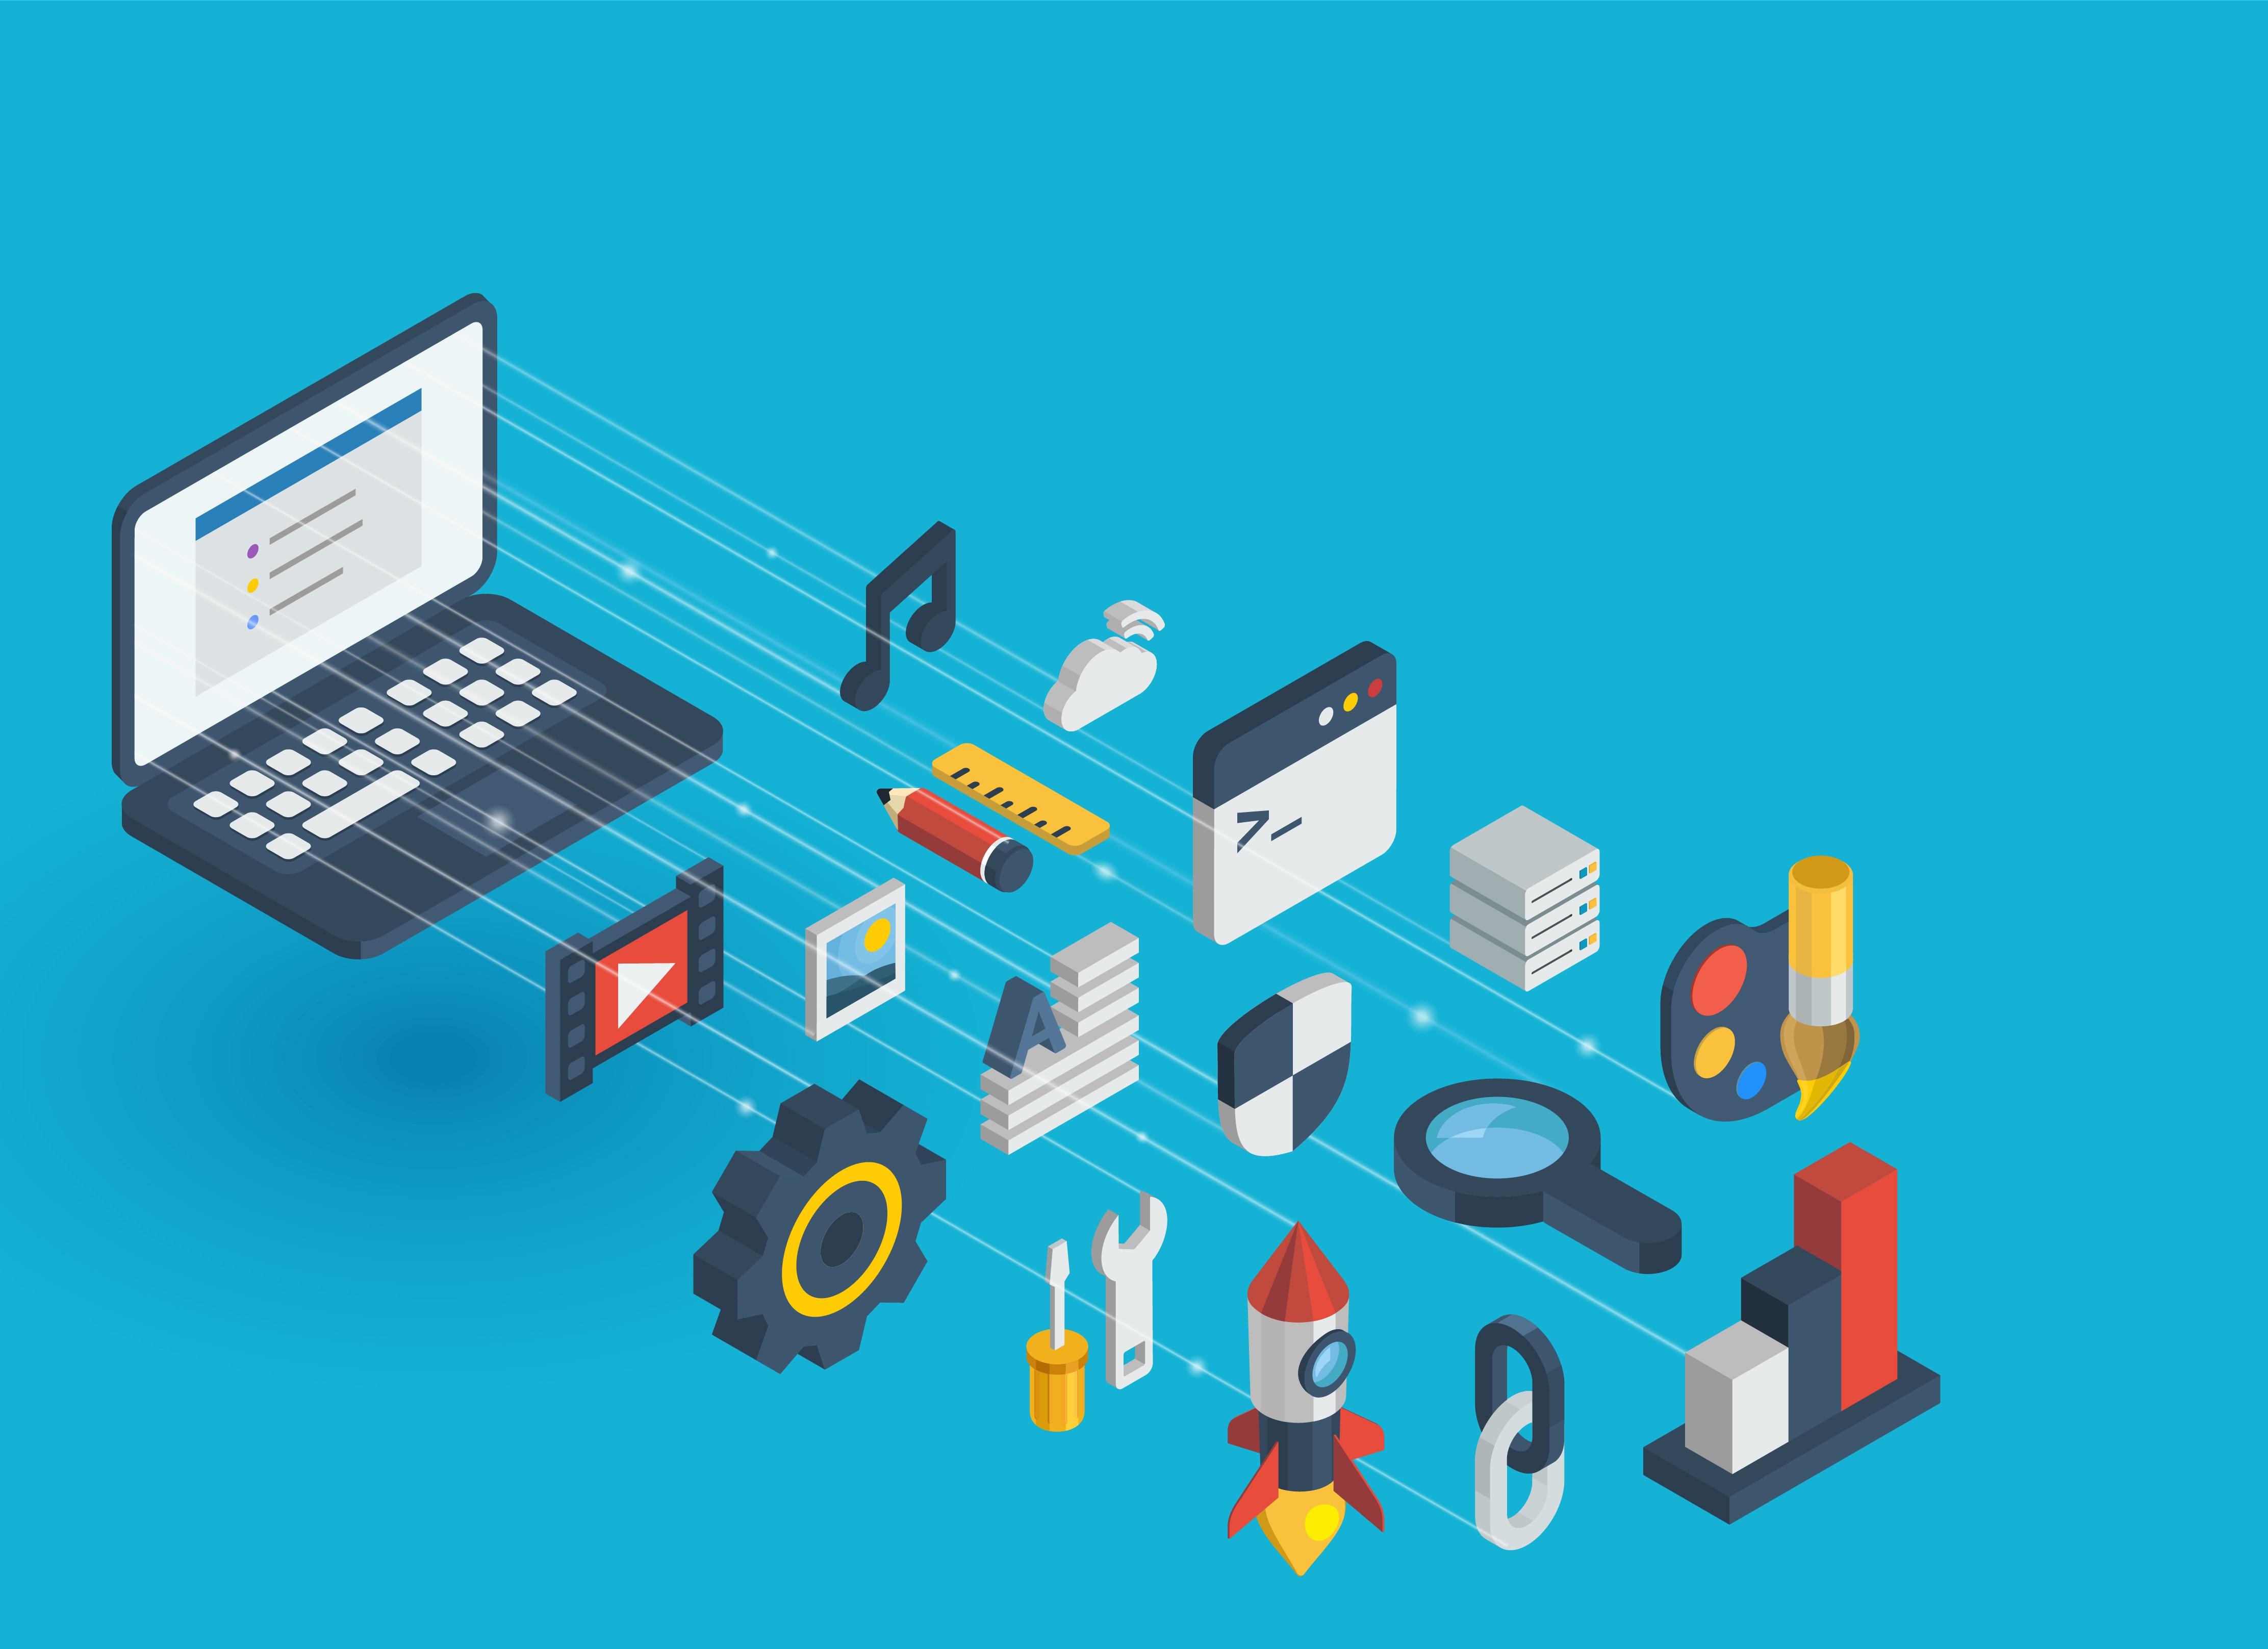 Integração de serviços: reúna tudo o que o seu negócio precisa em um só lugar